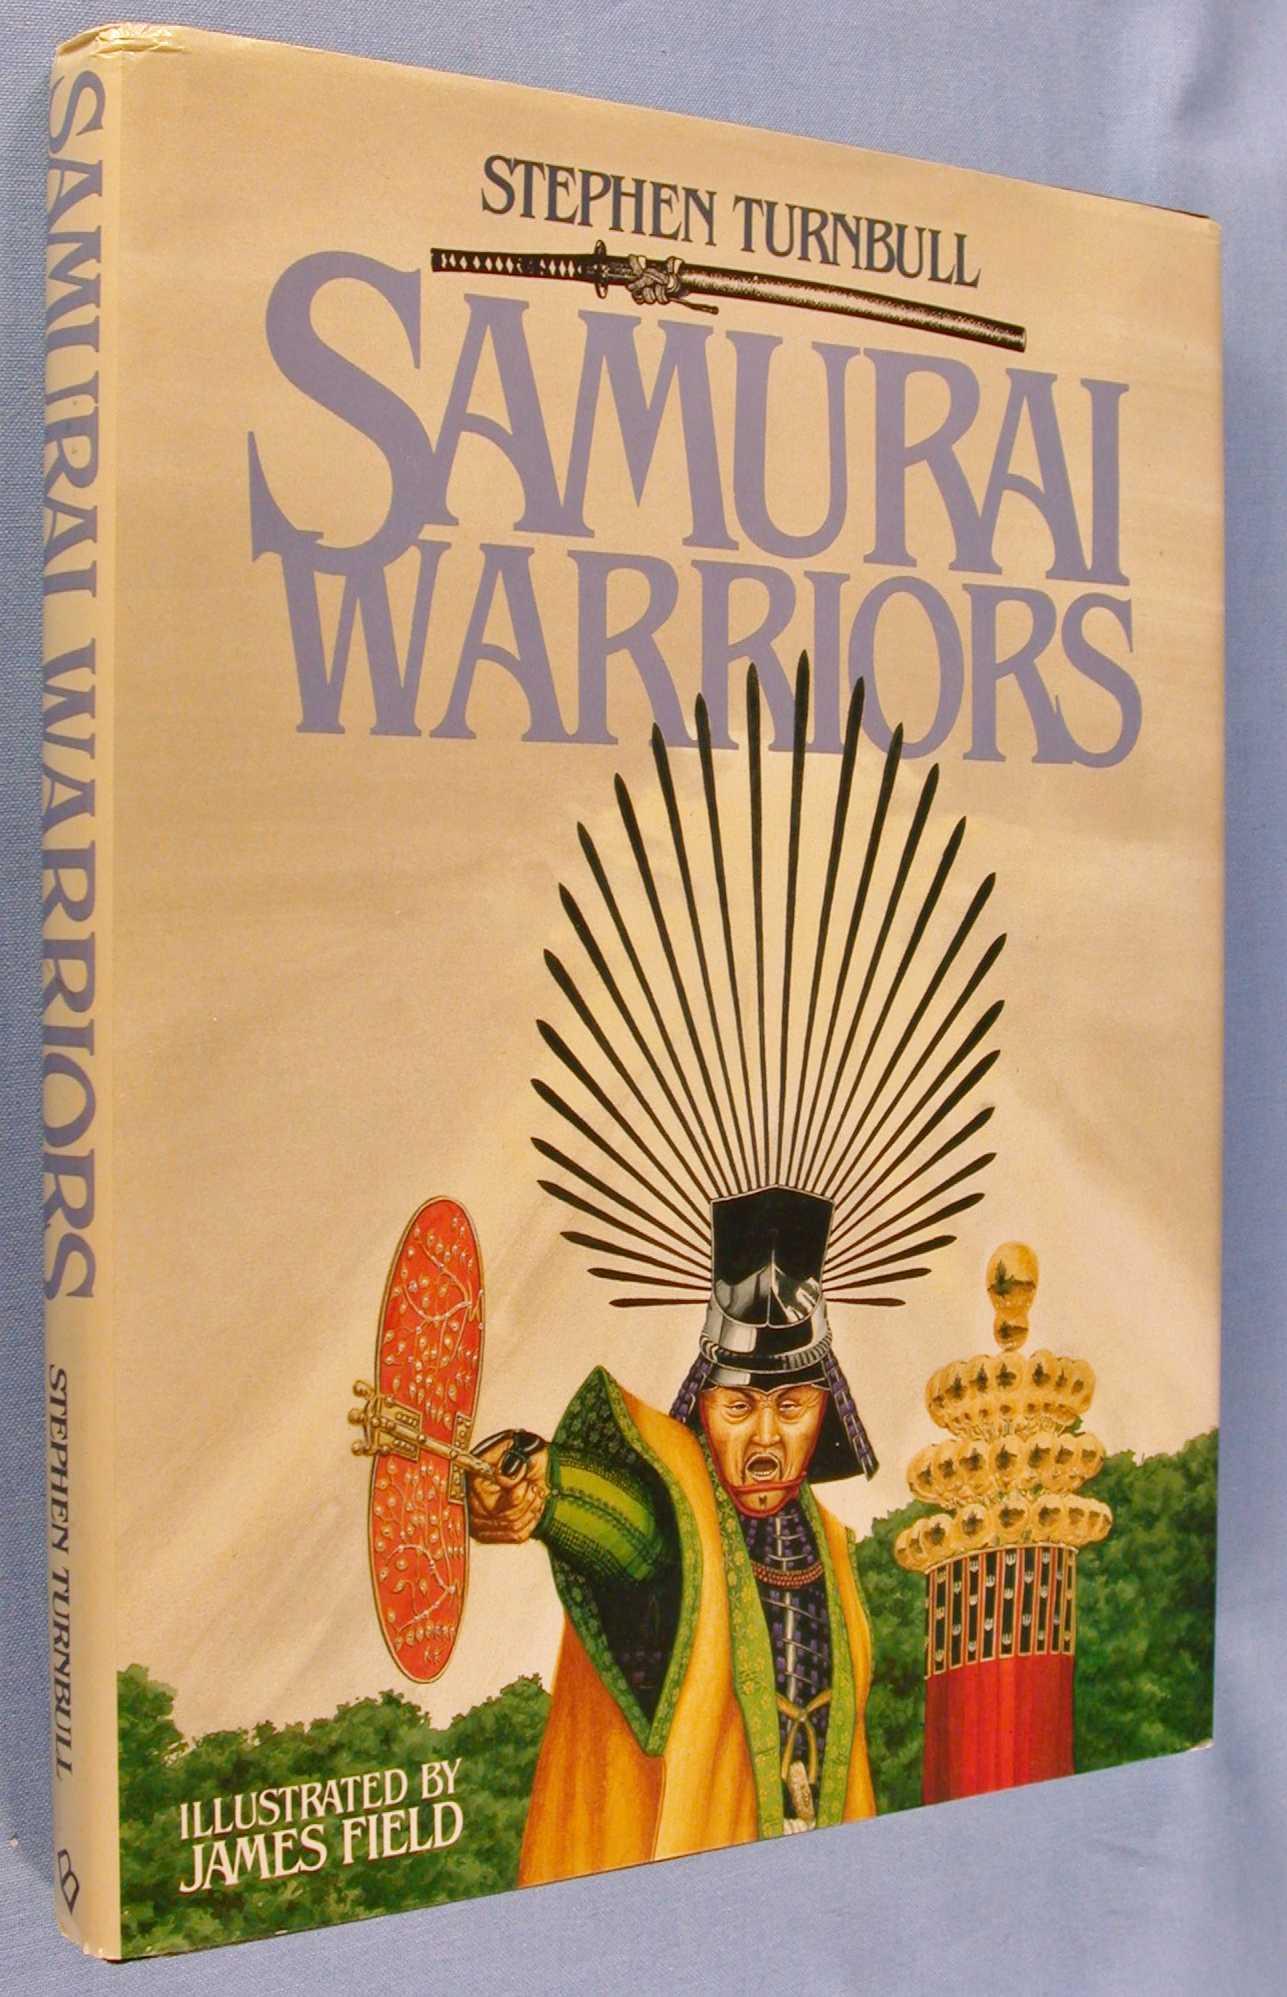 Samurai Warriors, Turnbull, Stephen